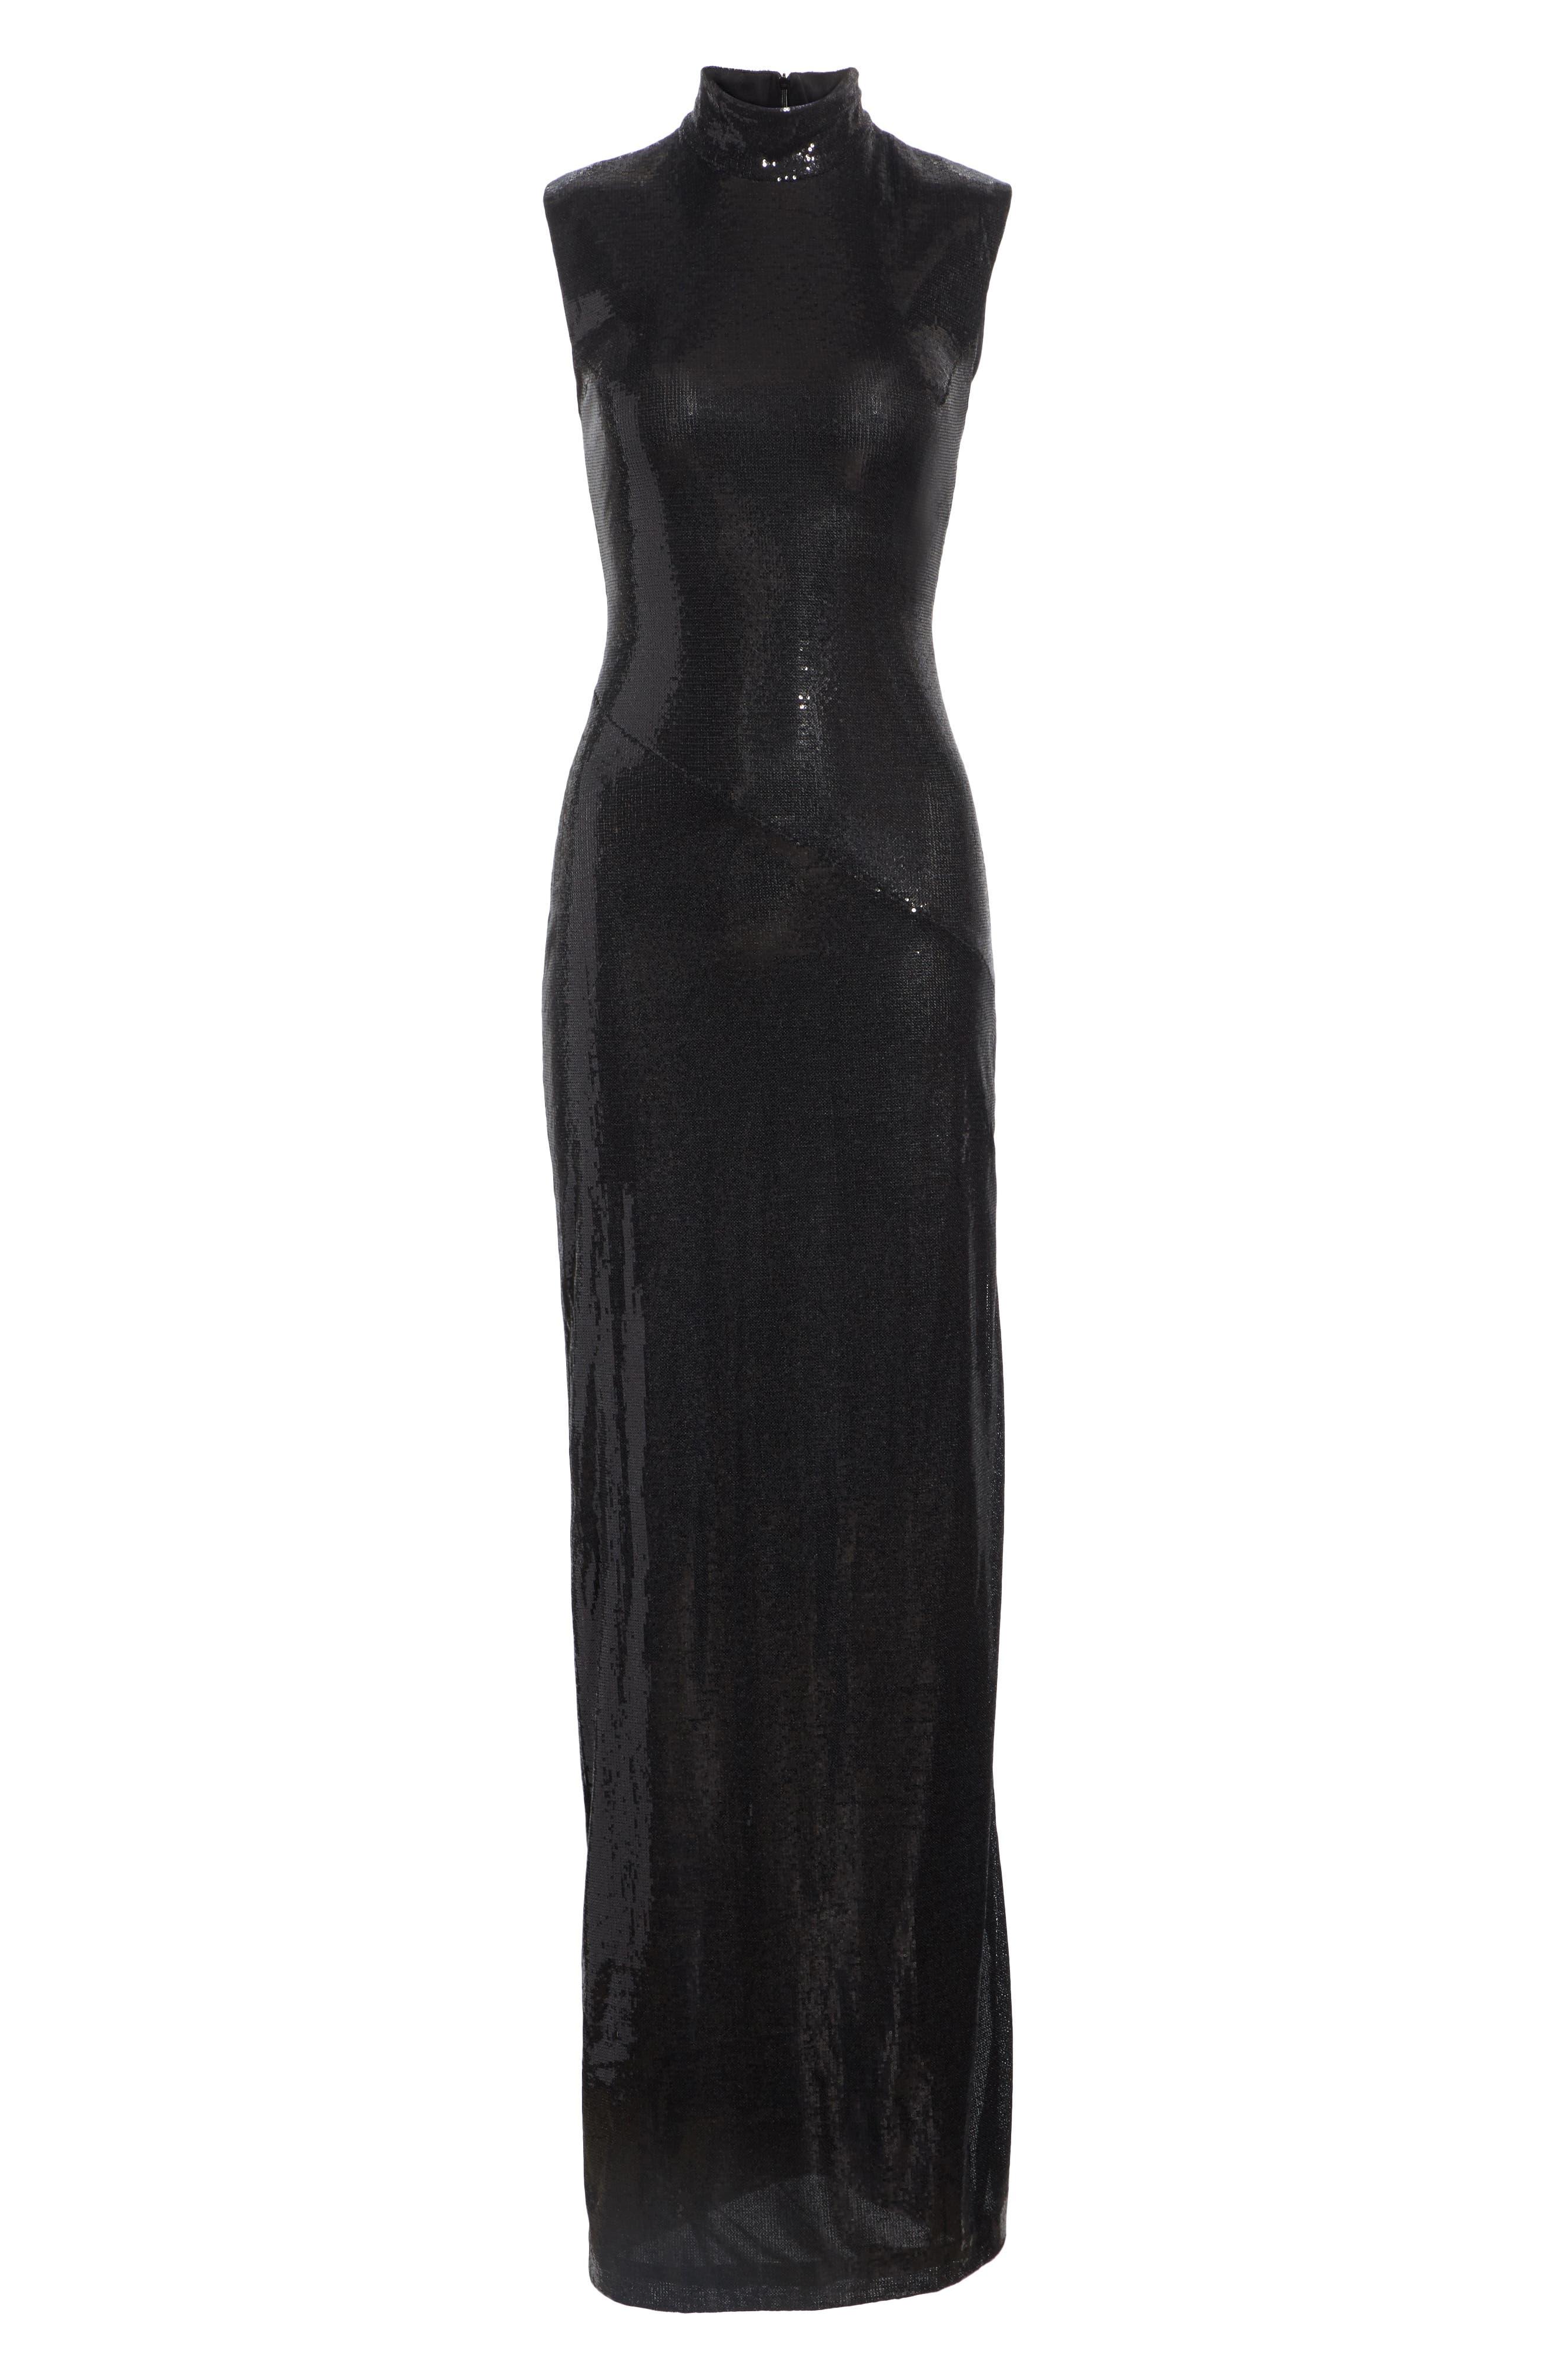 GALVAN,                             Turtleneck Sequin Gown,                             Alternate thumbnail 7, color,                             BLACK